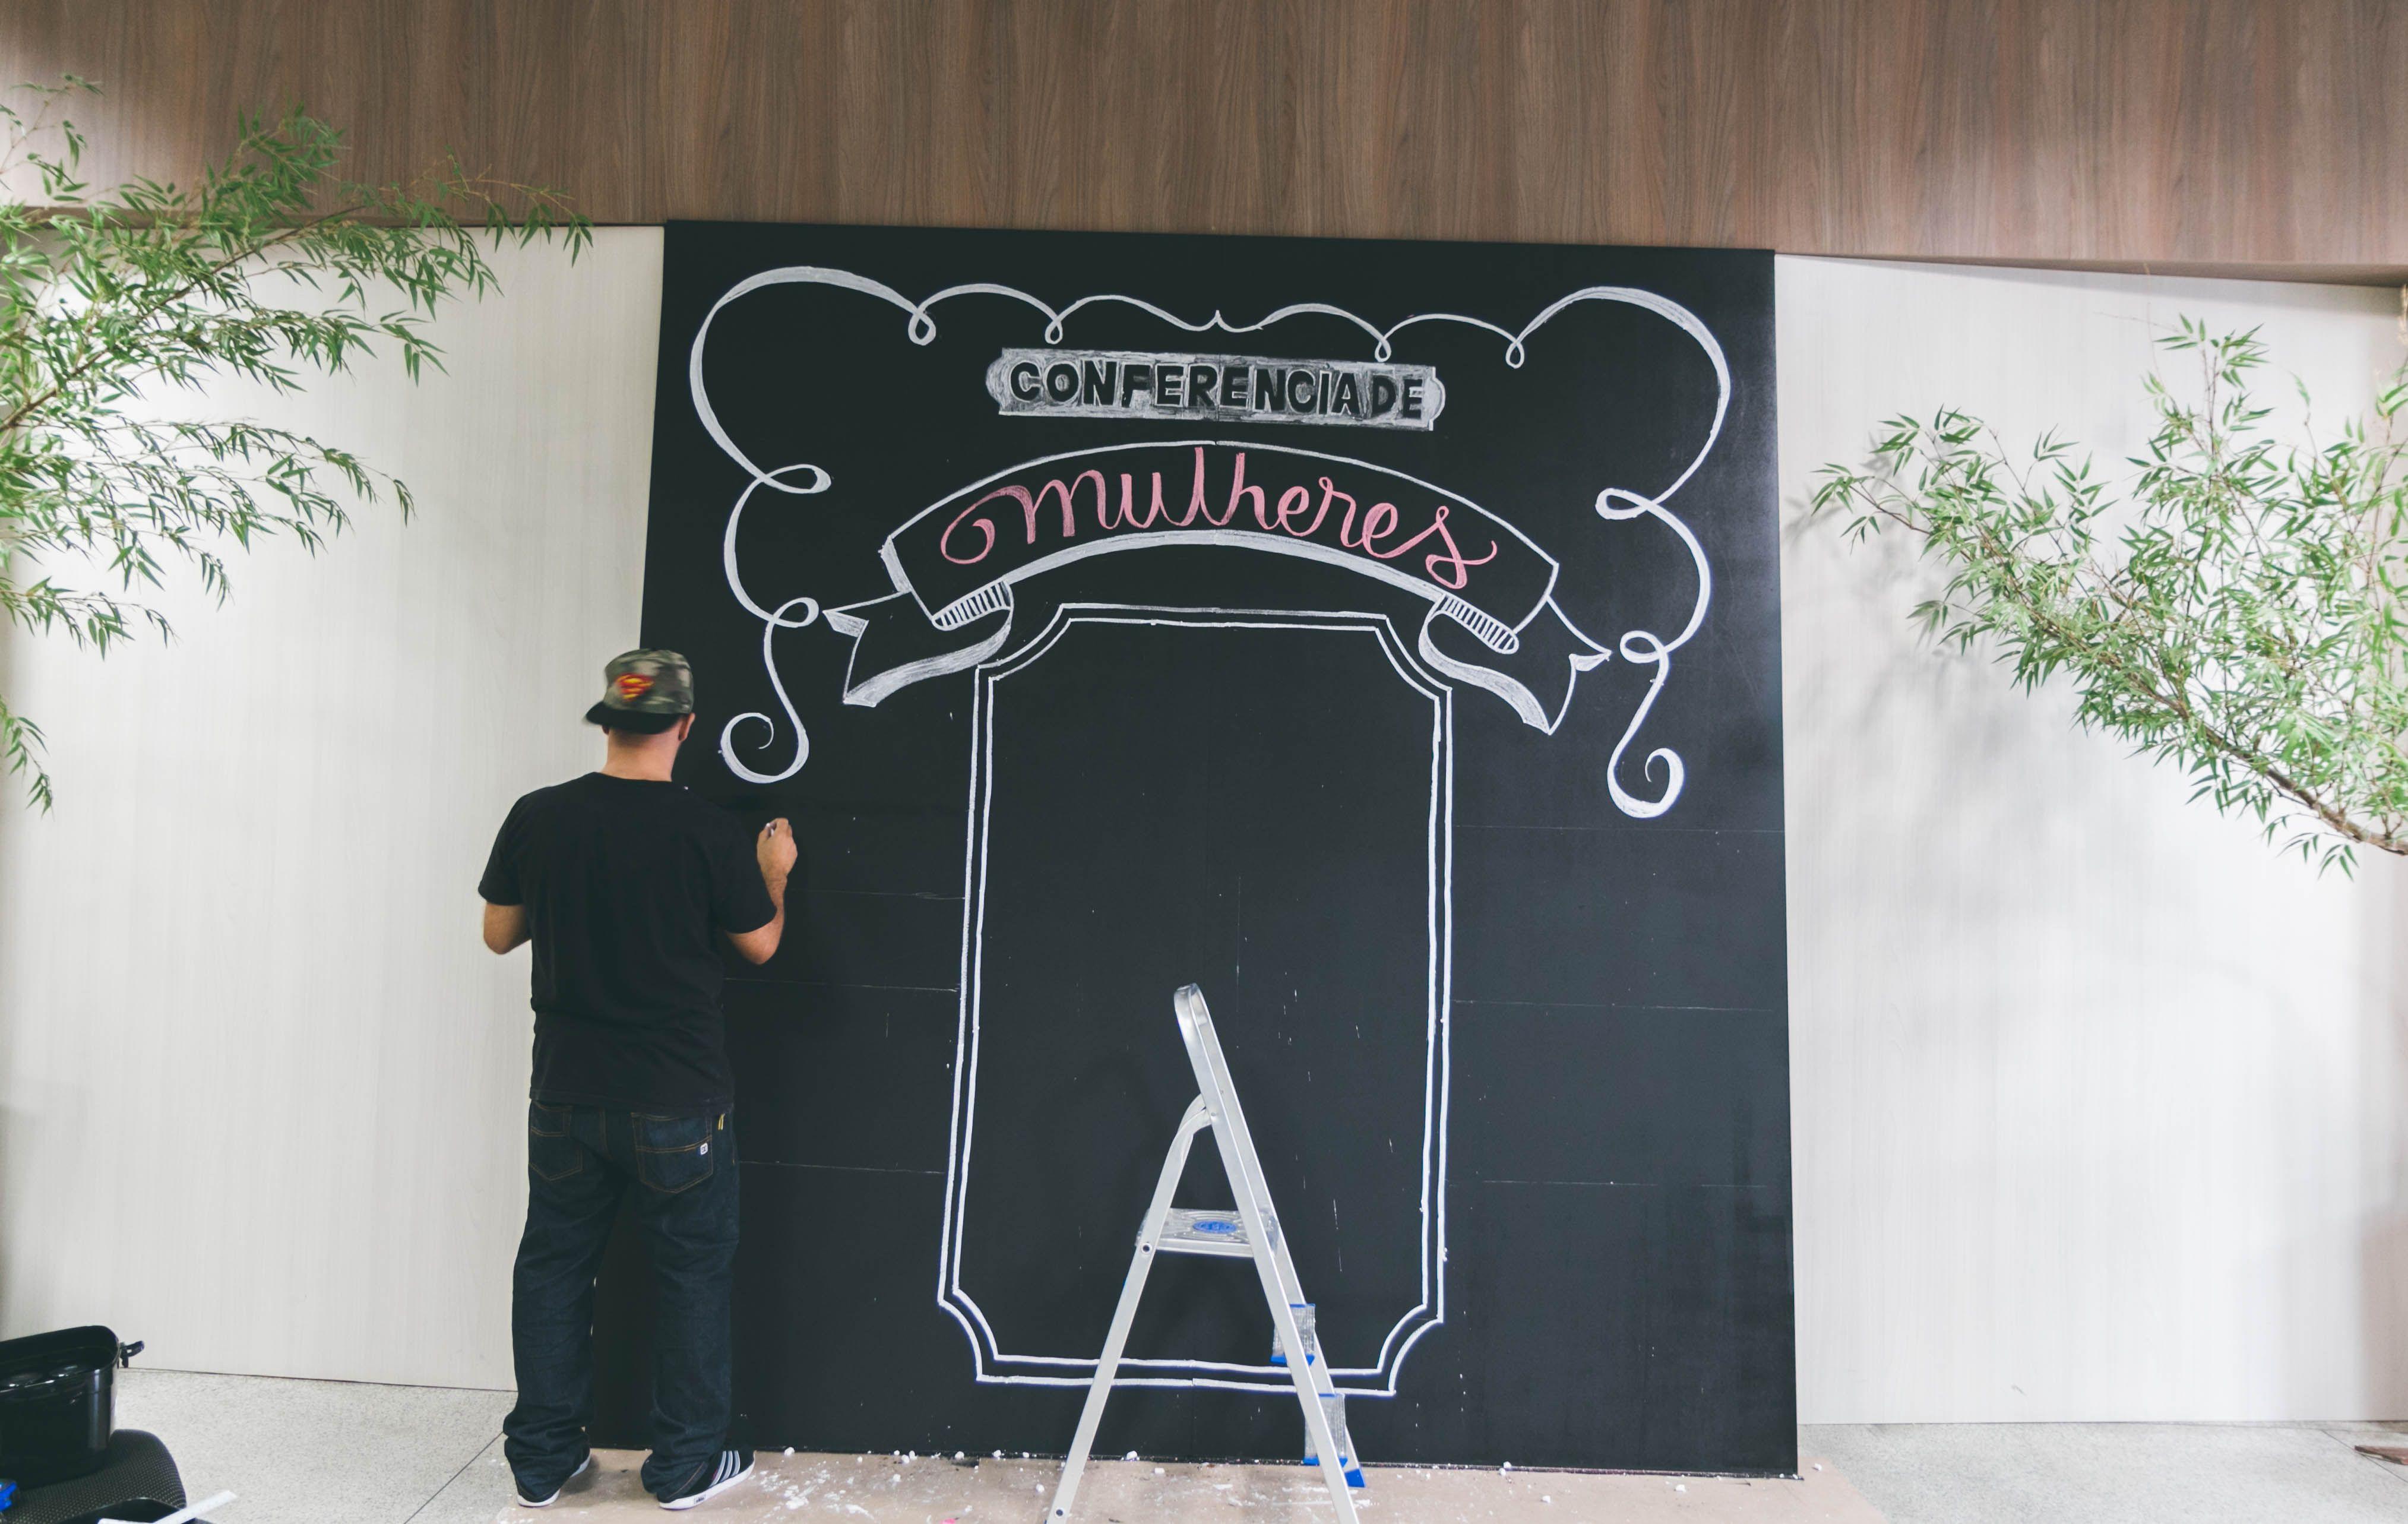 #chalkboard #artecomgiz #boygiz #tamiresaraujofotografia #ievvguarulhos #igrejaverbodavida